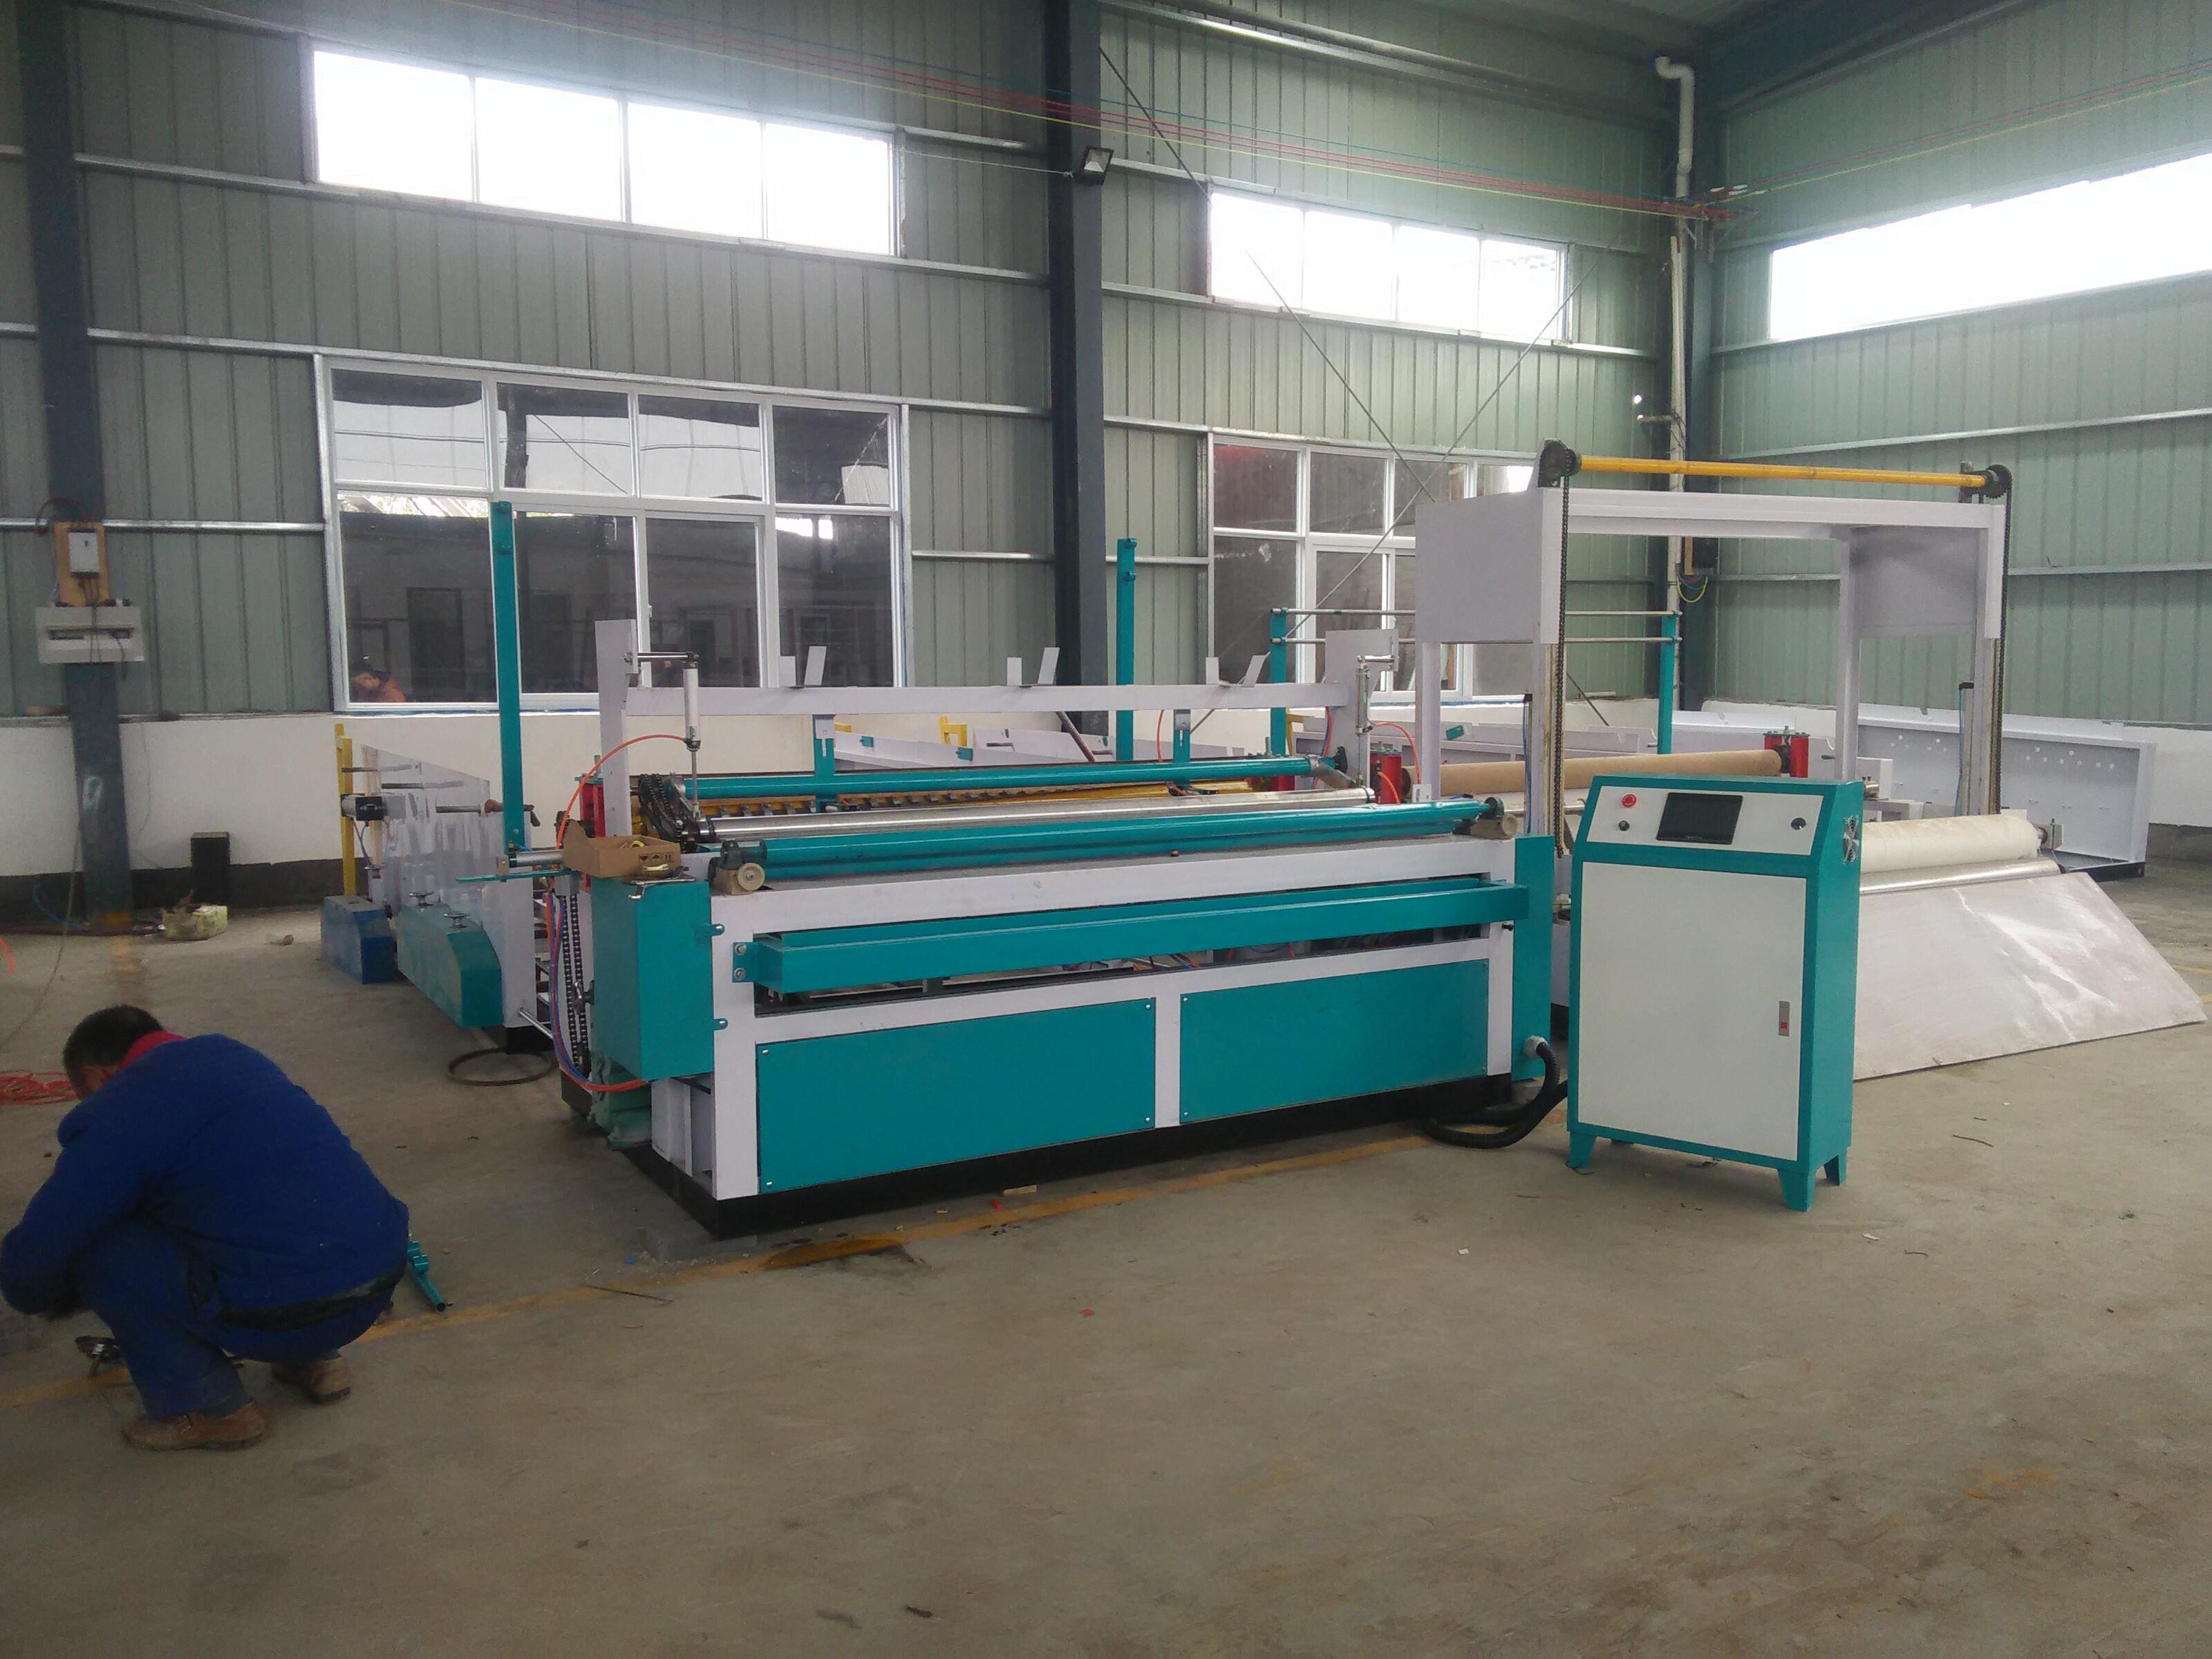 恭喜安徽阜阳宁先生购买万博体育投注加工设备和抽纸设备